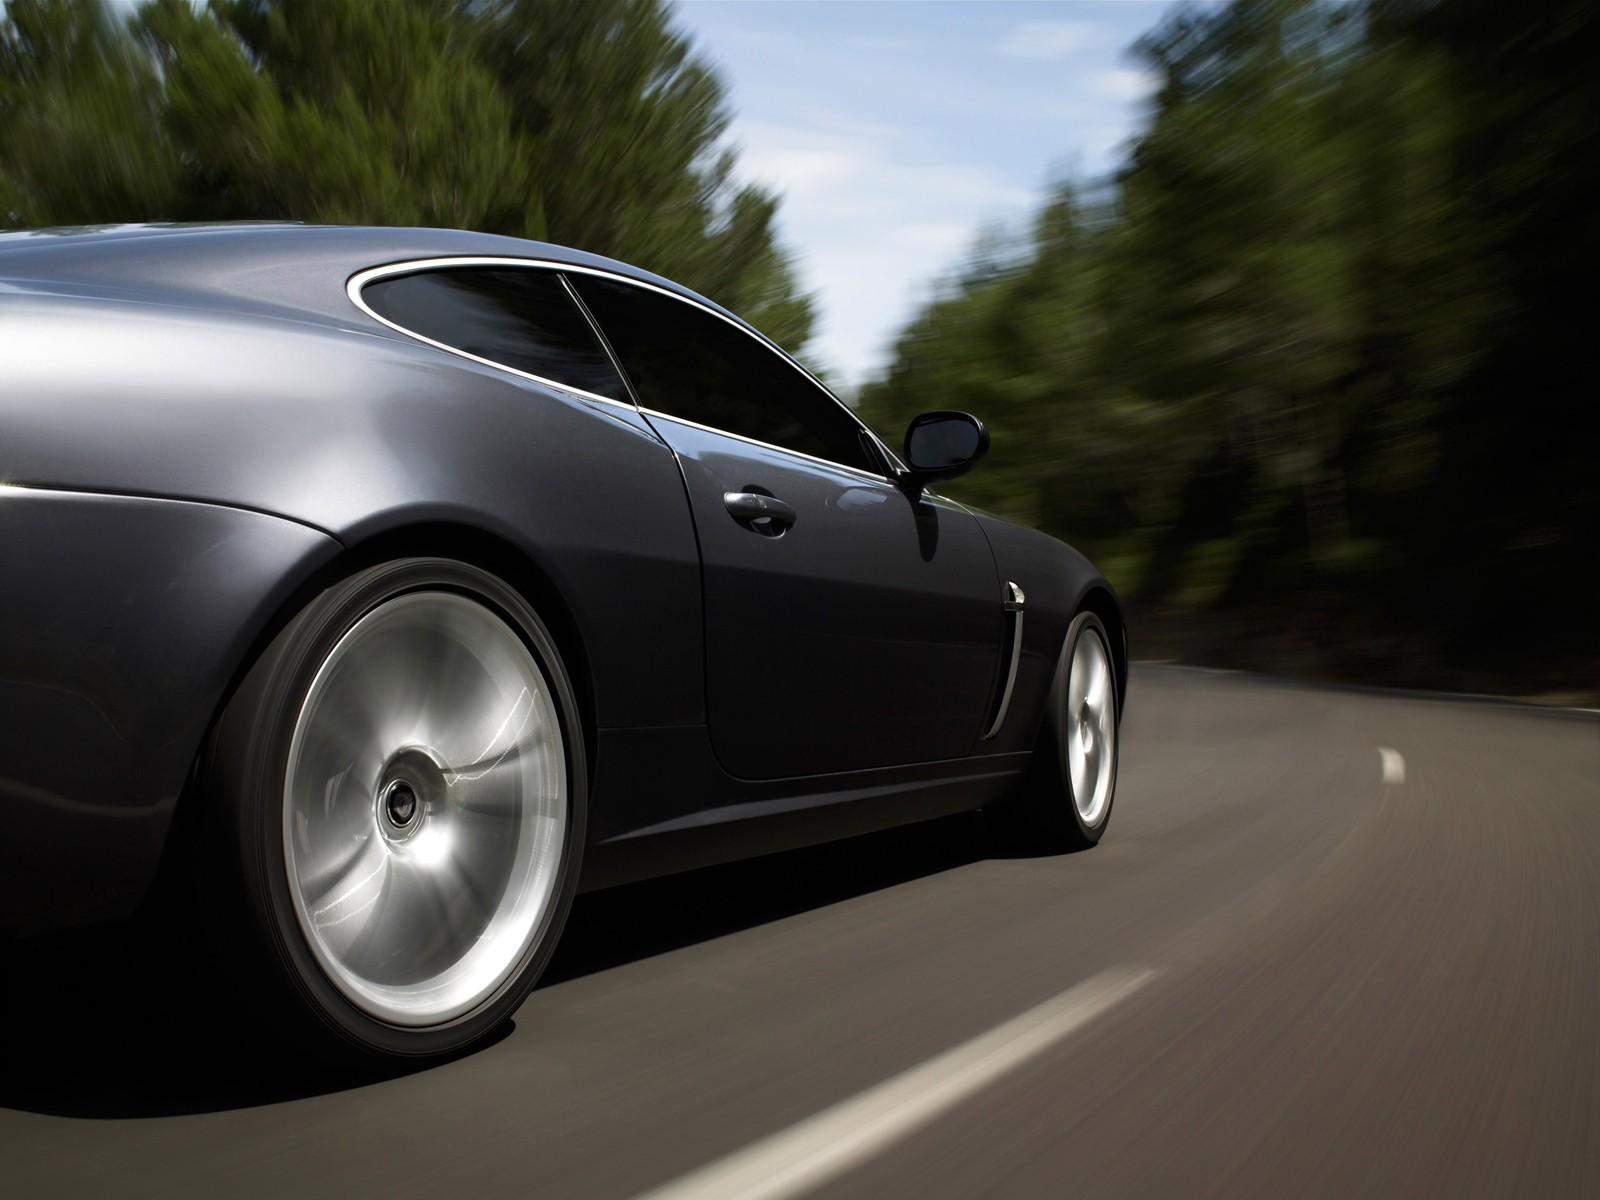 Jaguar XKR 40: Photos, Reviews, News, Specs, Buy car